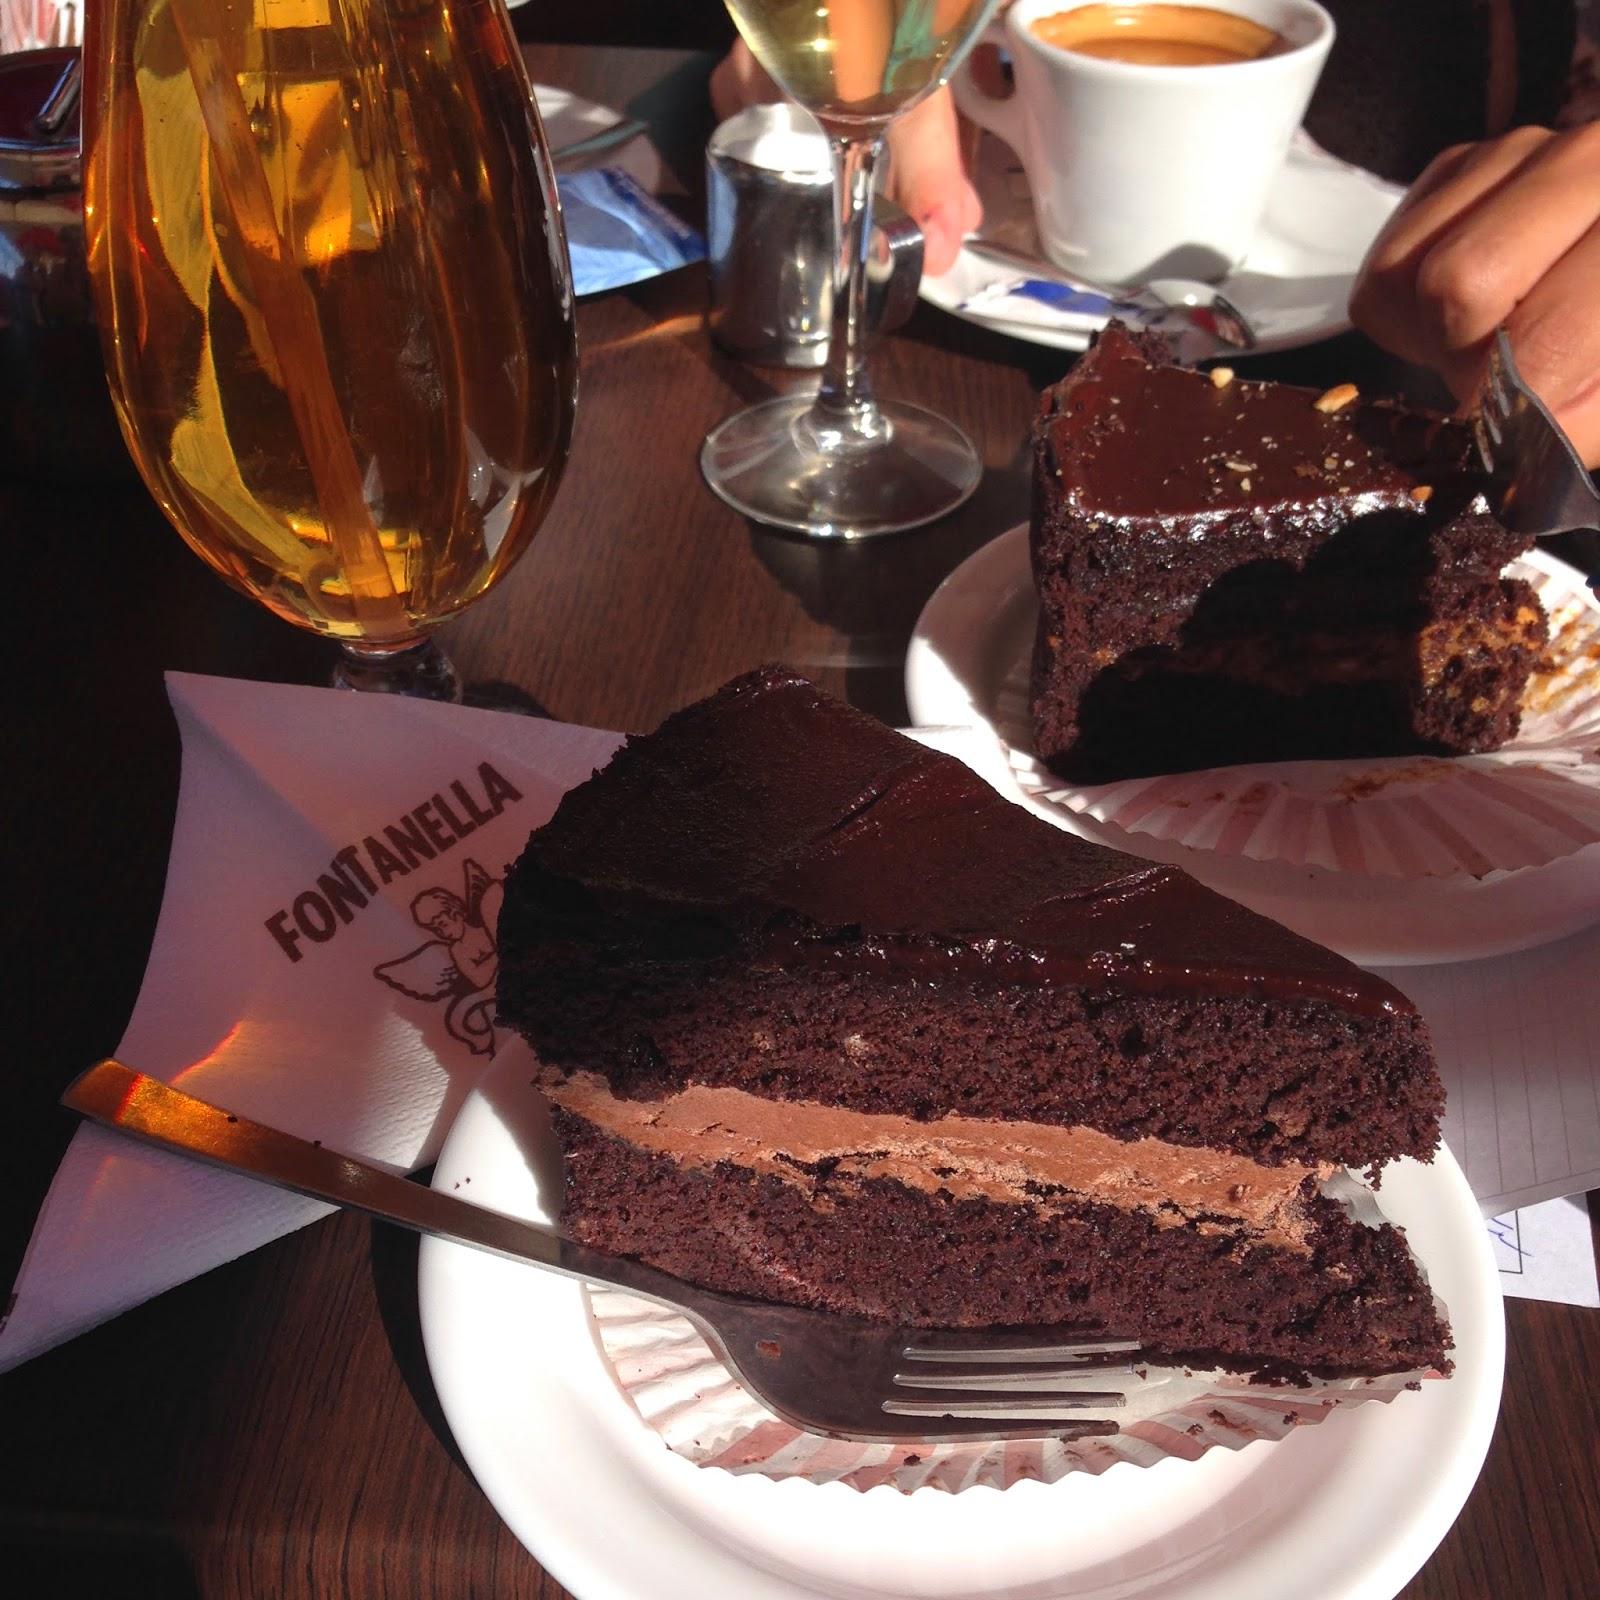 La fenomenale torta di cioccolato di Fontanella a M'dina - foto di Elisa Chisana Hoshi